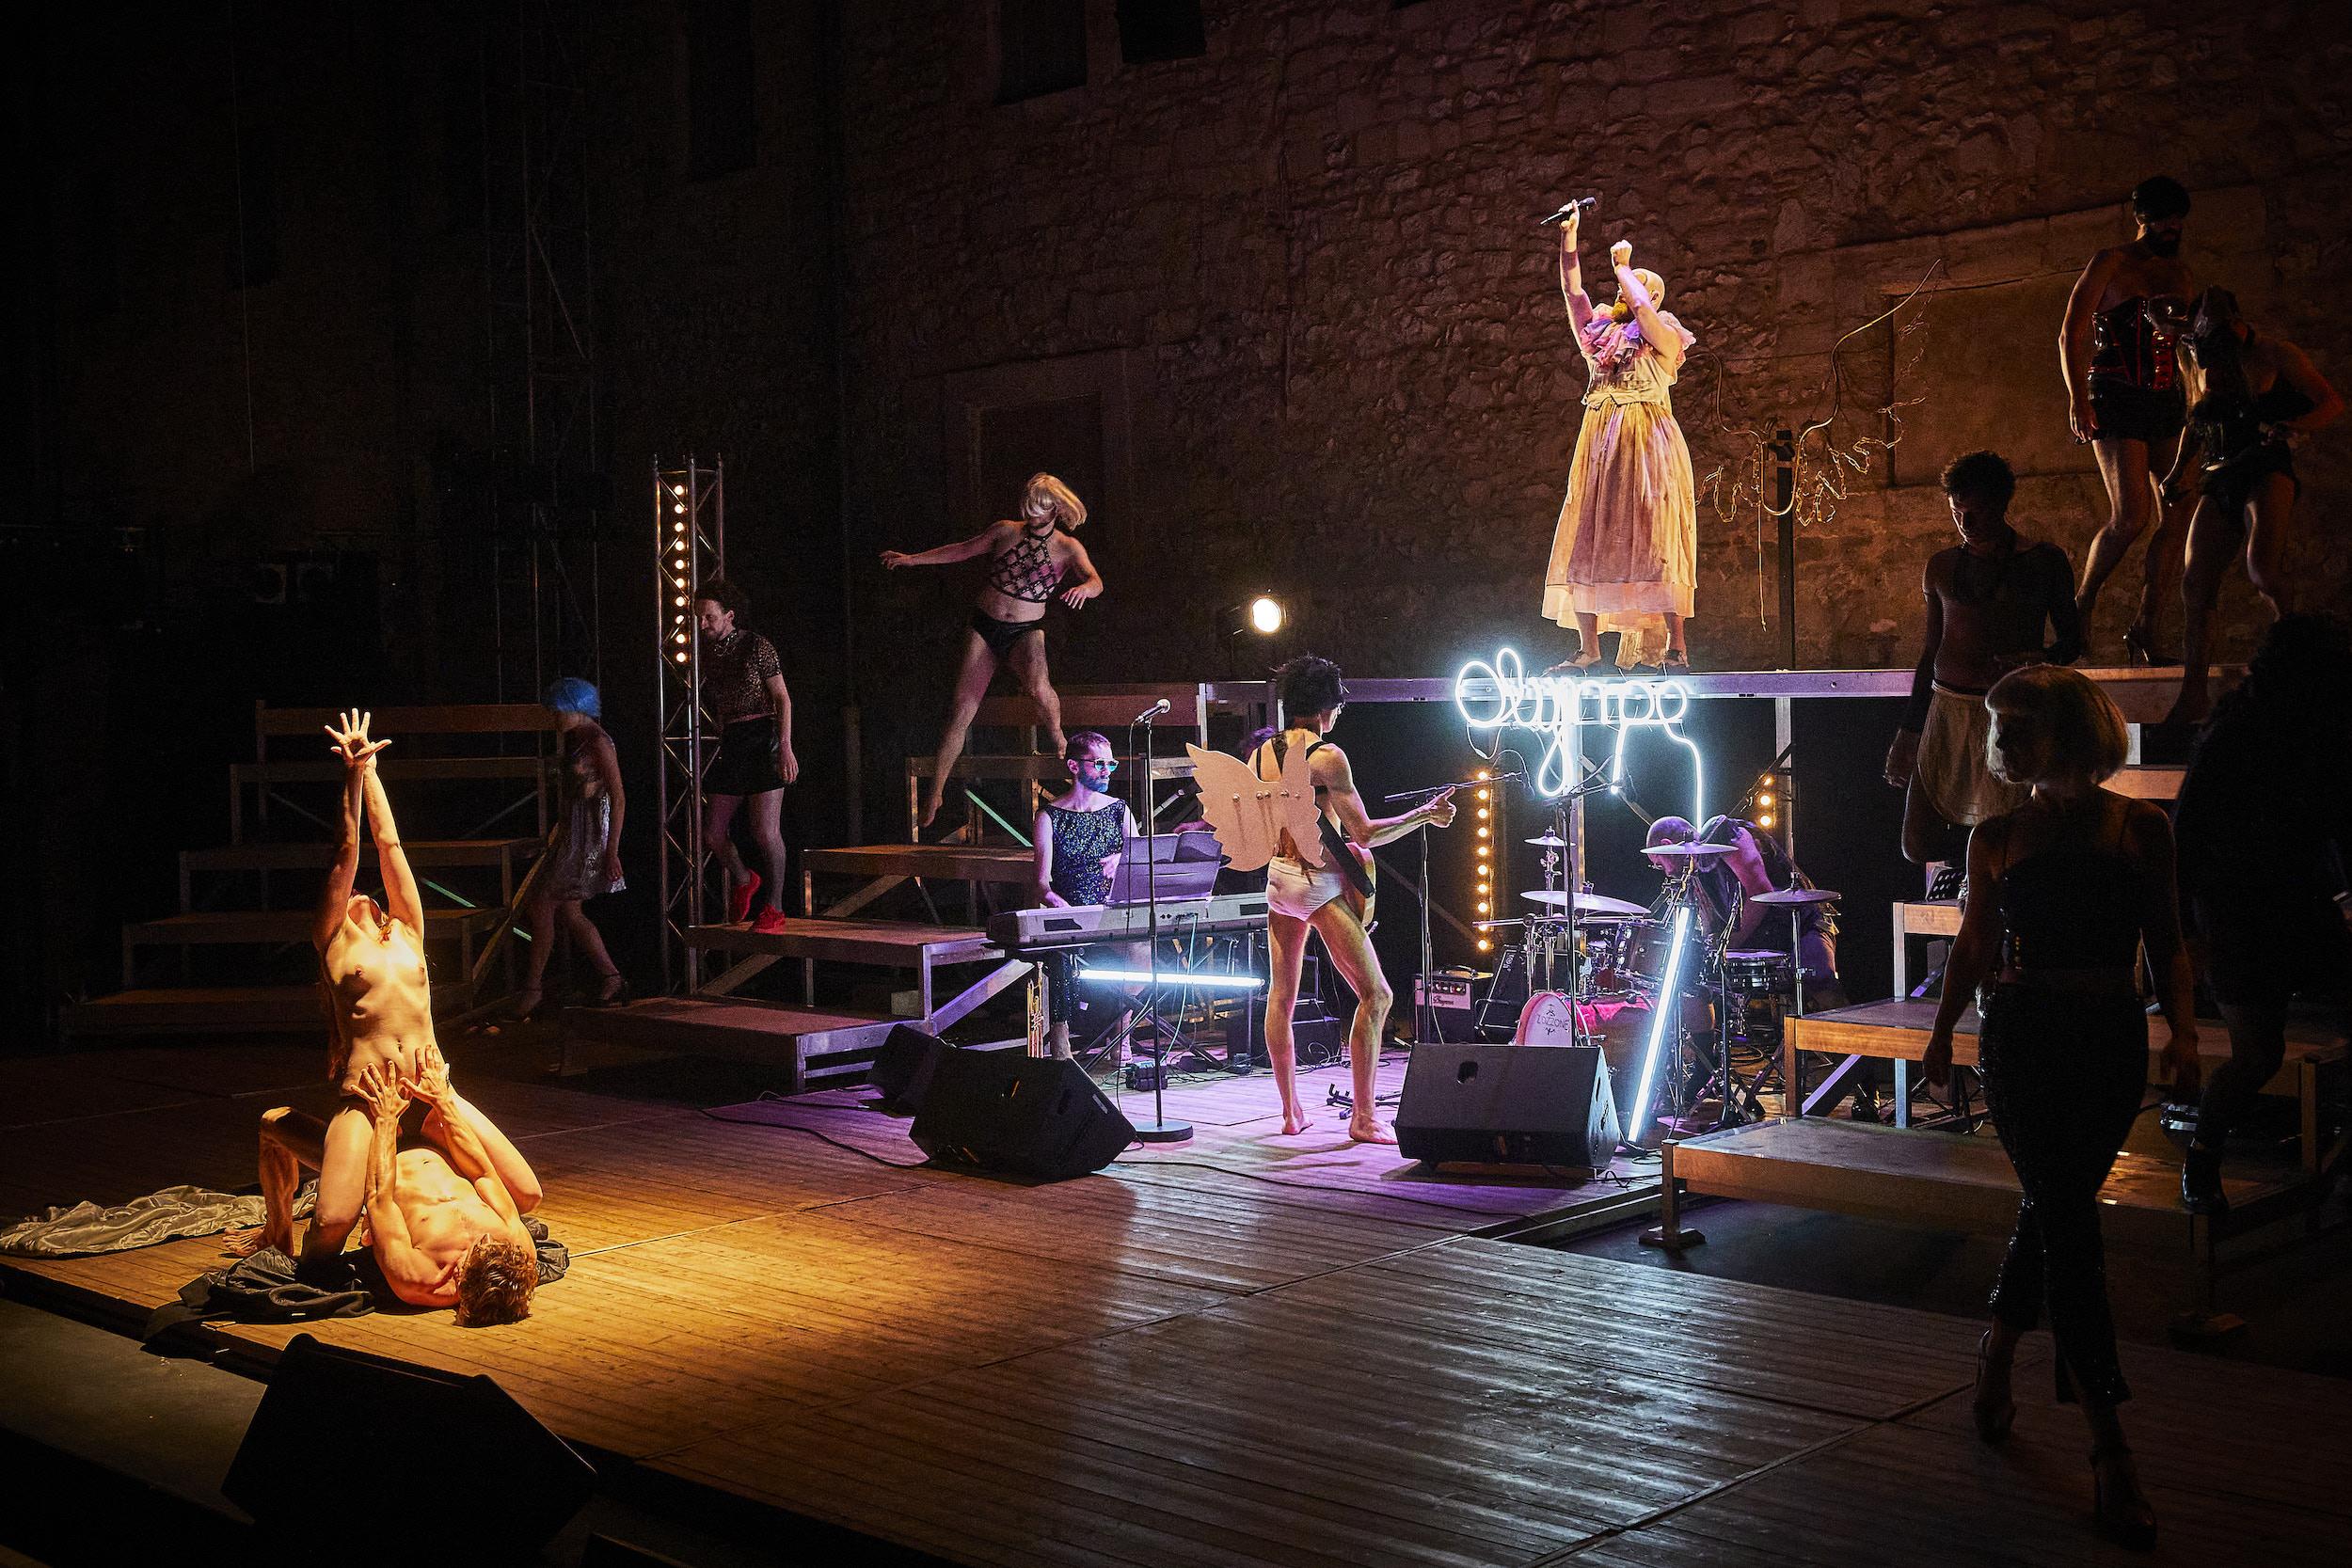 Le Ciel La Nuit La Fête de Molière par le Nouveau Théâtre Populaire au Festival d'Avignon 2021